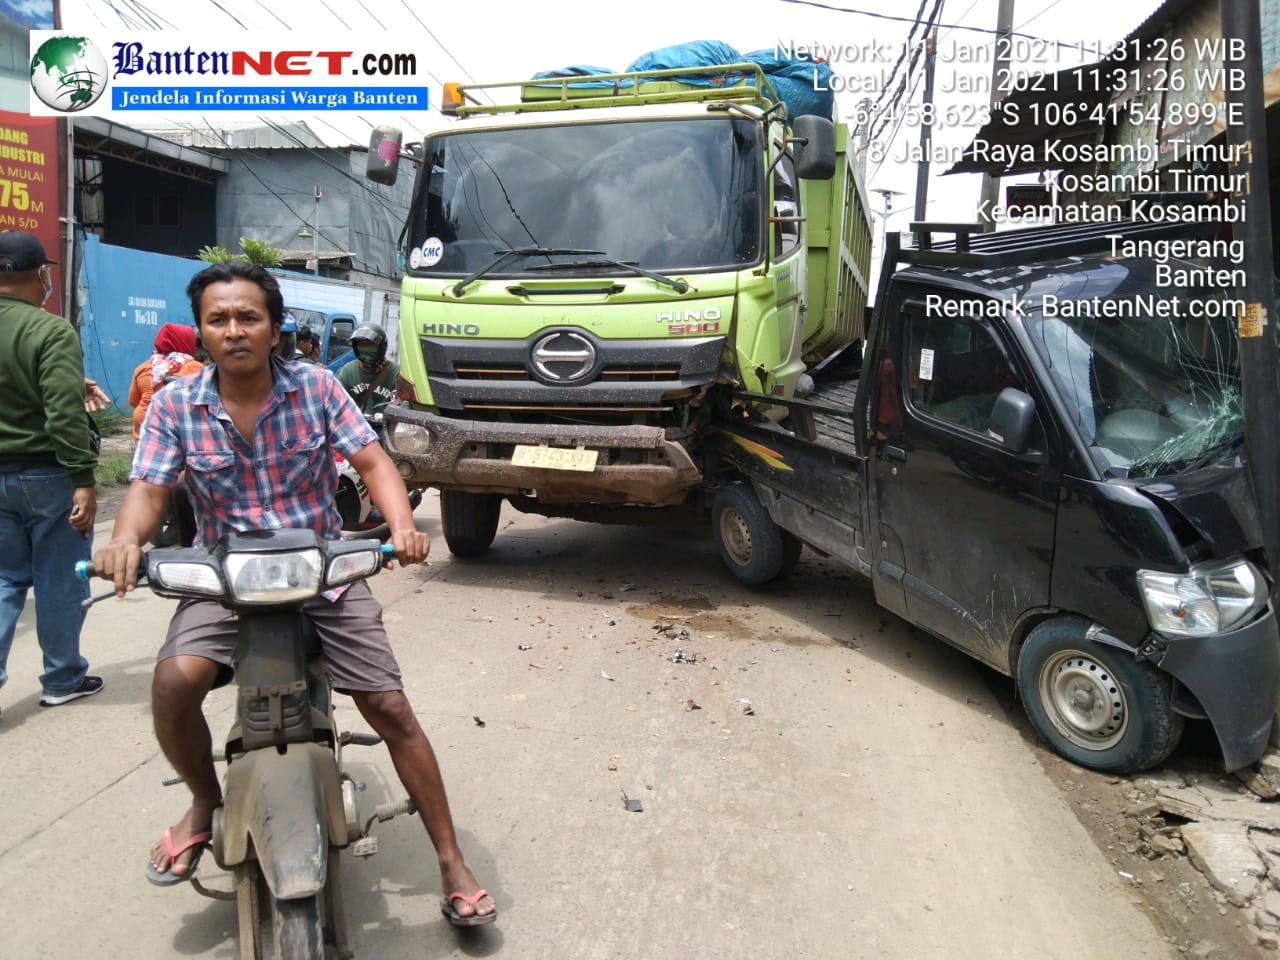 Truk Tanah Kembali Buat Ulah Di Kosambi, Hantam Satu Unit Mobil Sedang Terparkir